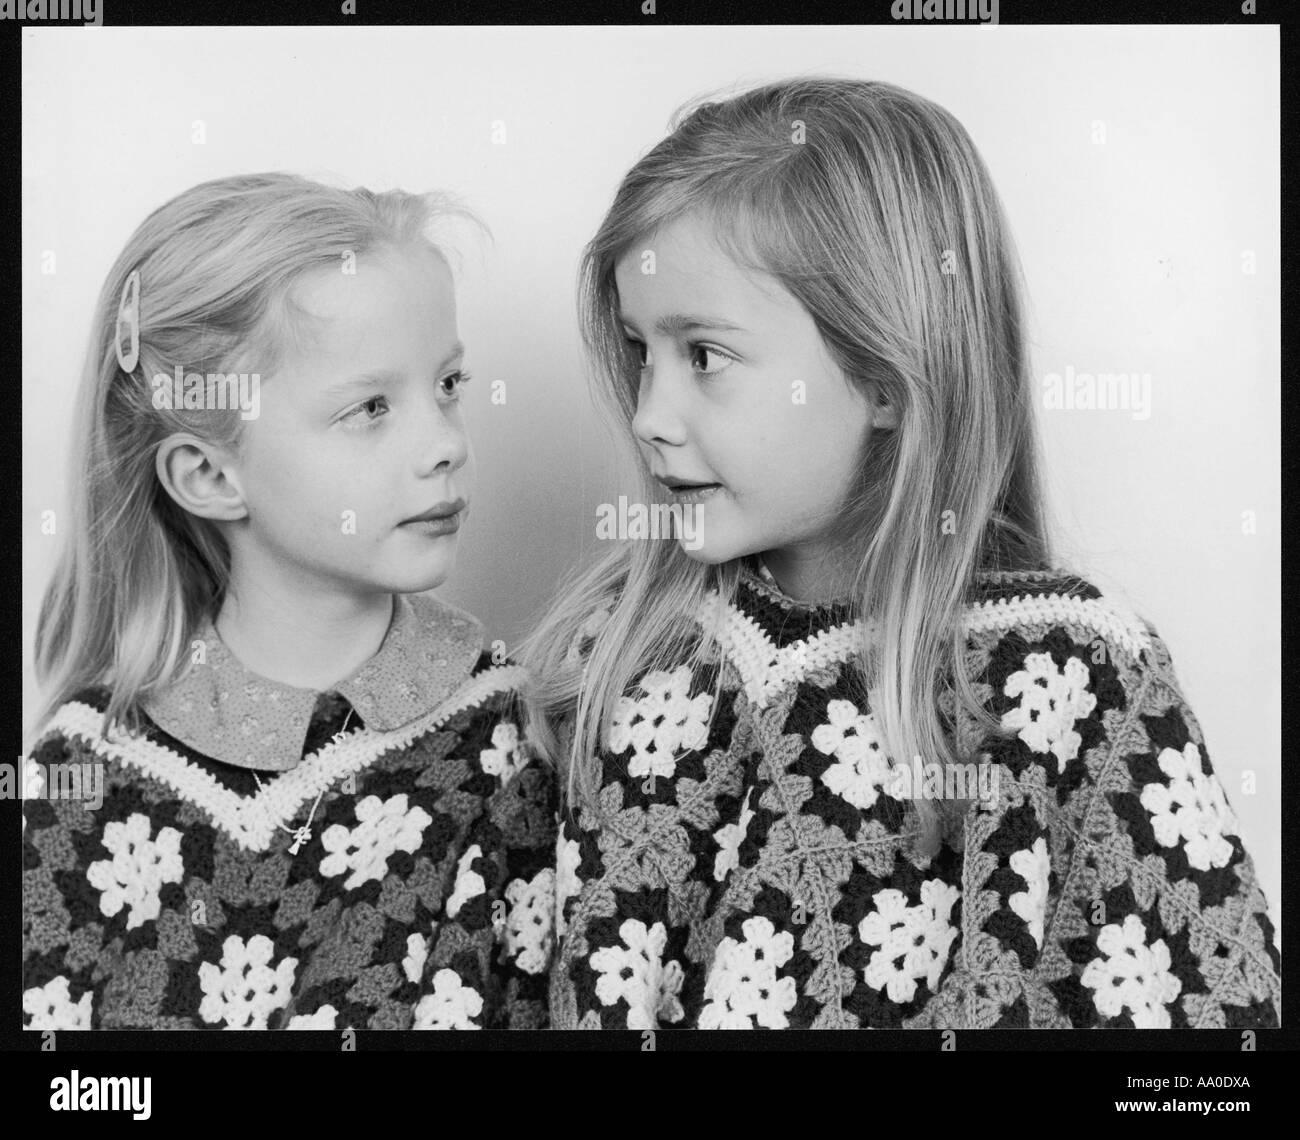 Girls Wearing Ponchos - Stock Image